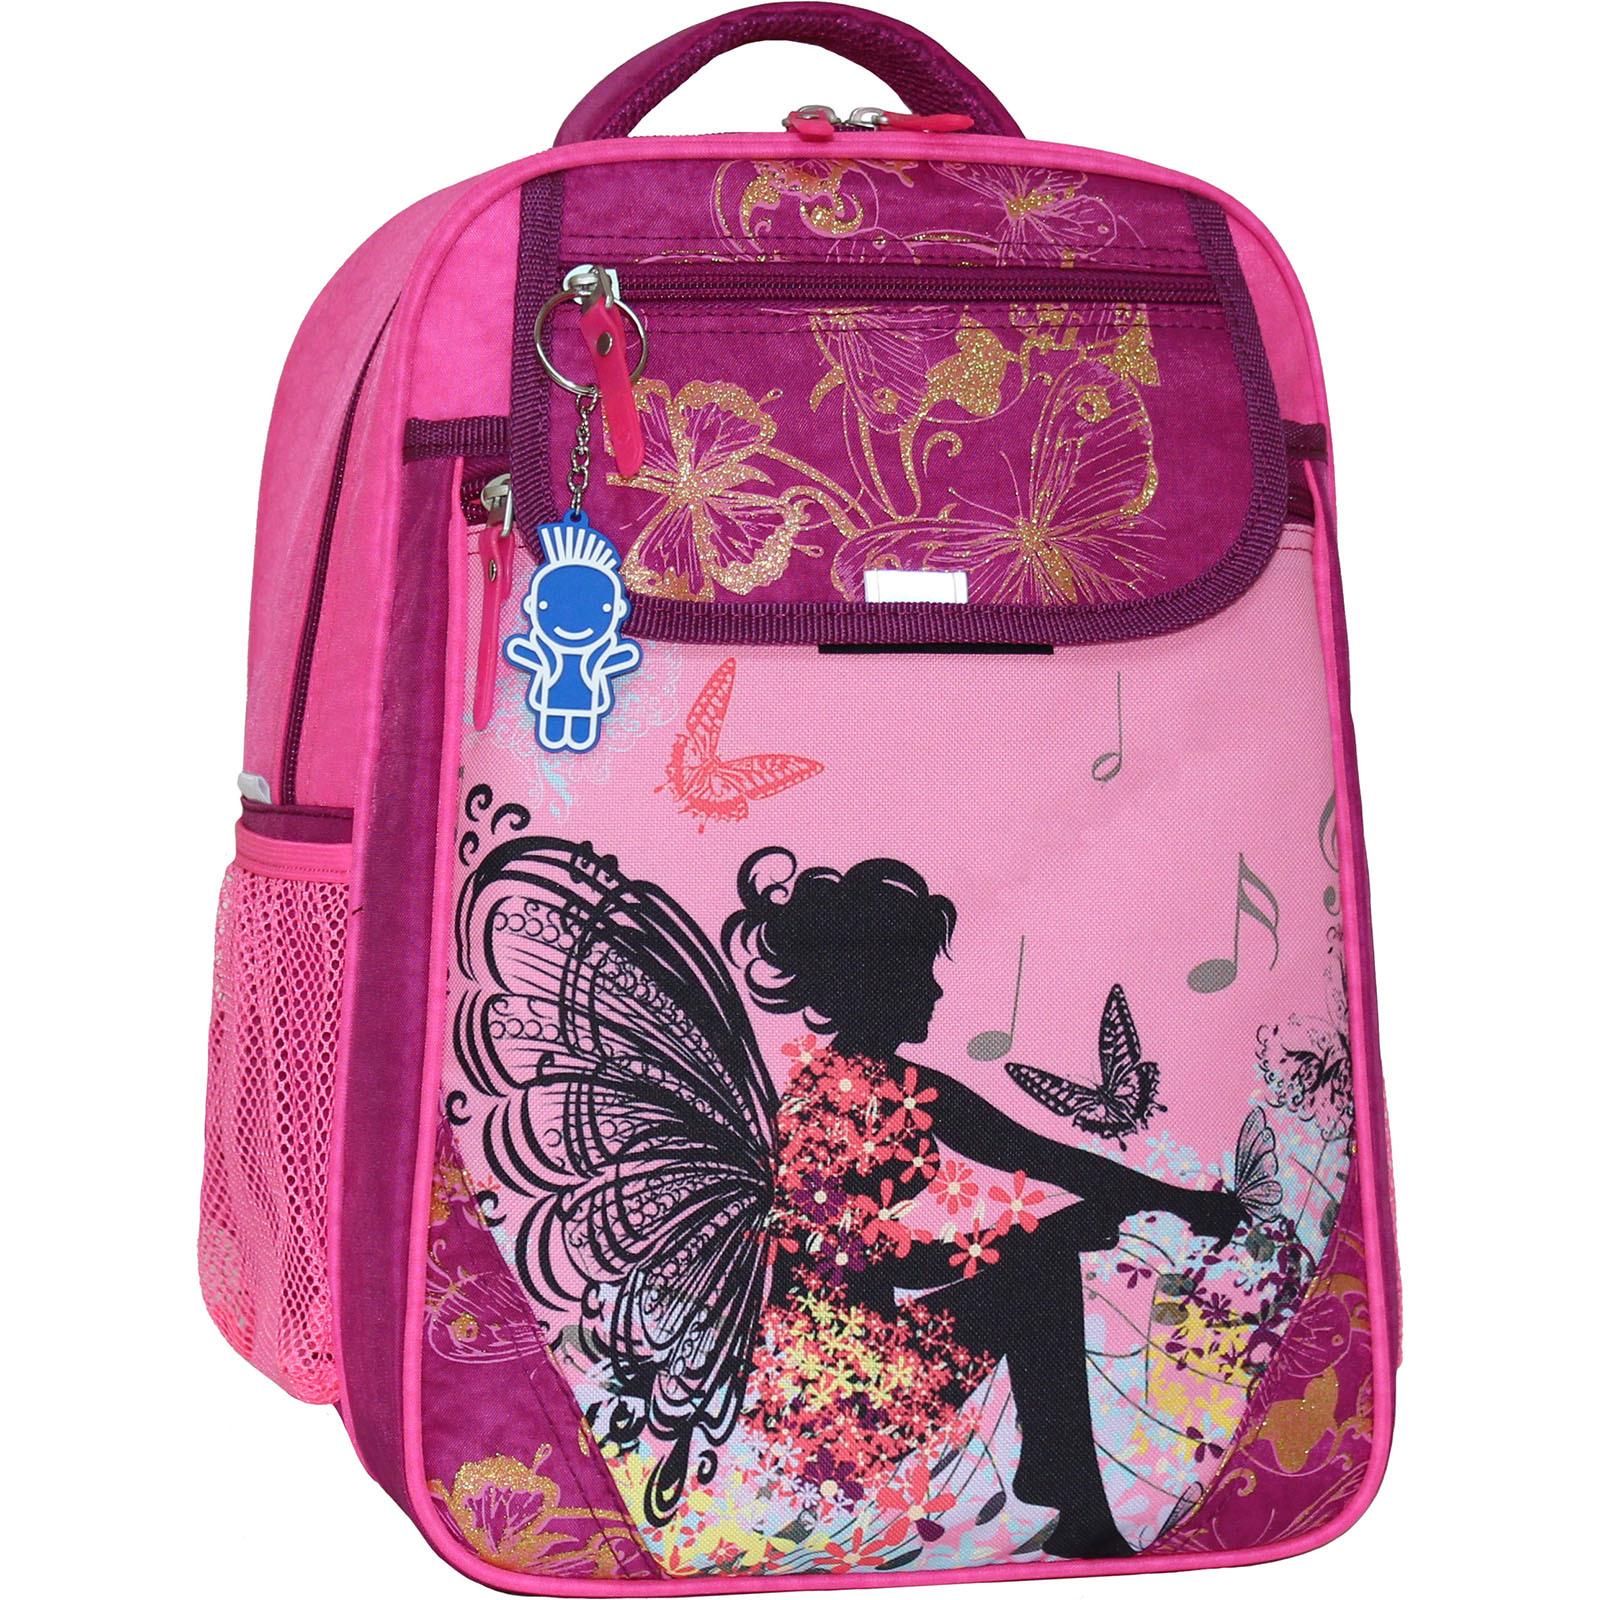 Школьные рюкзаки Рюкзак школьный Bagland Отличник 20 л. 143 малиновый 389 (0058070) IMG_5464_артикул_389_.JPG